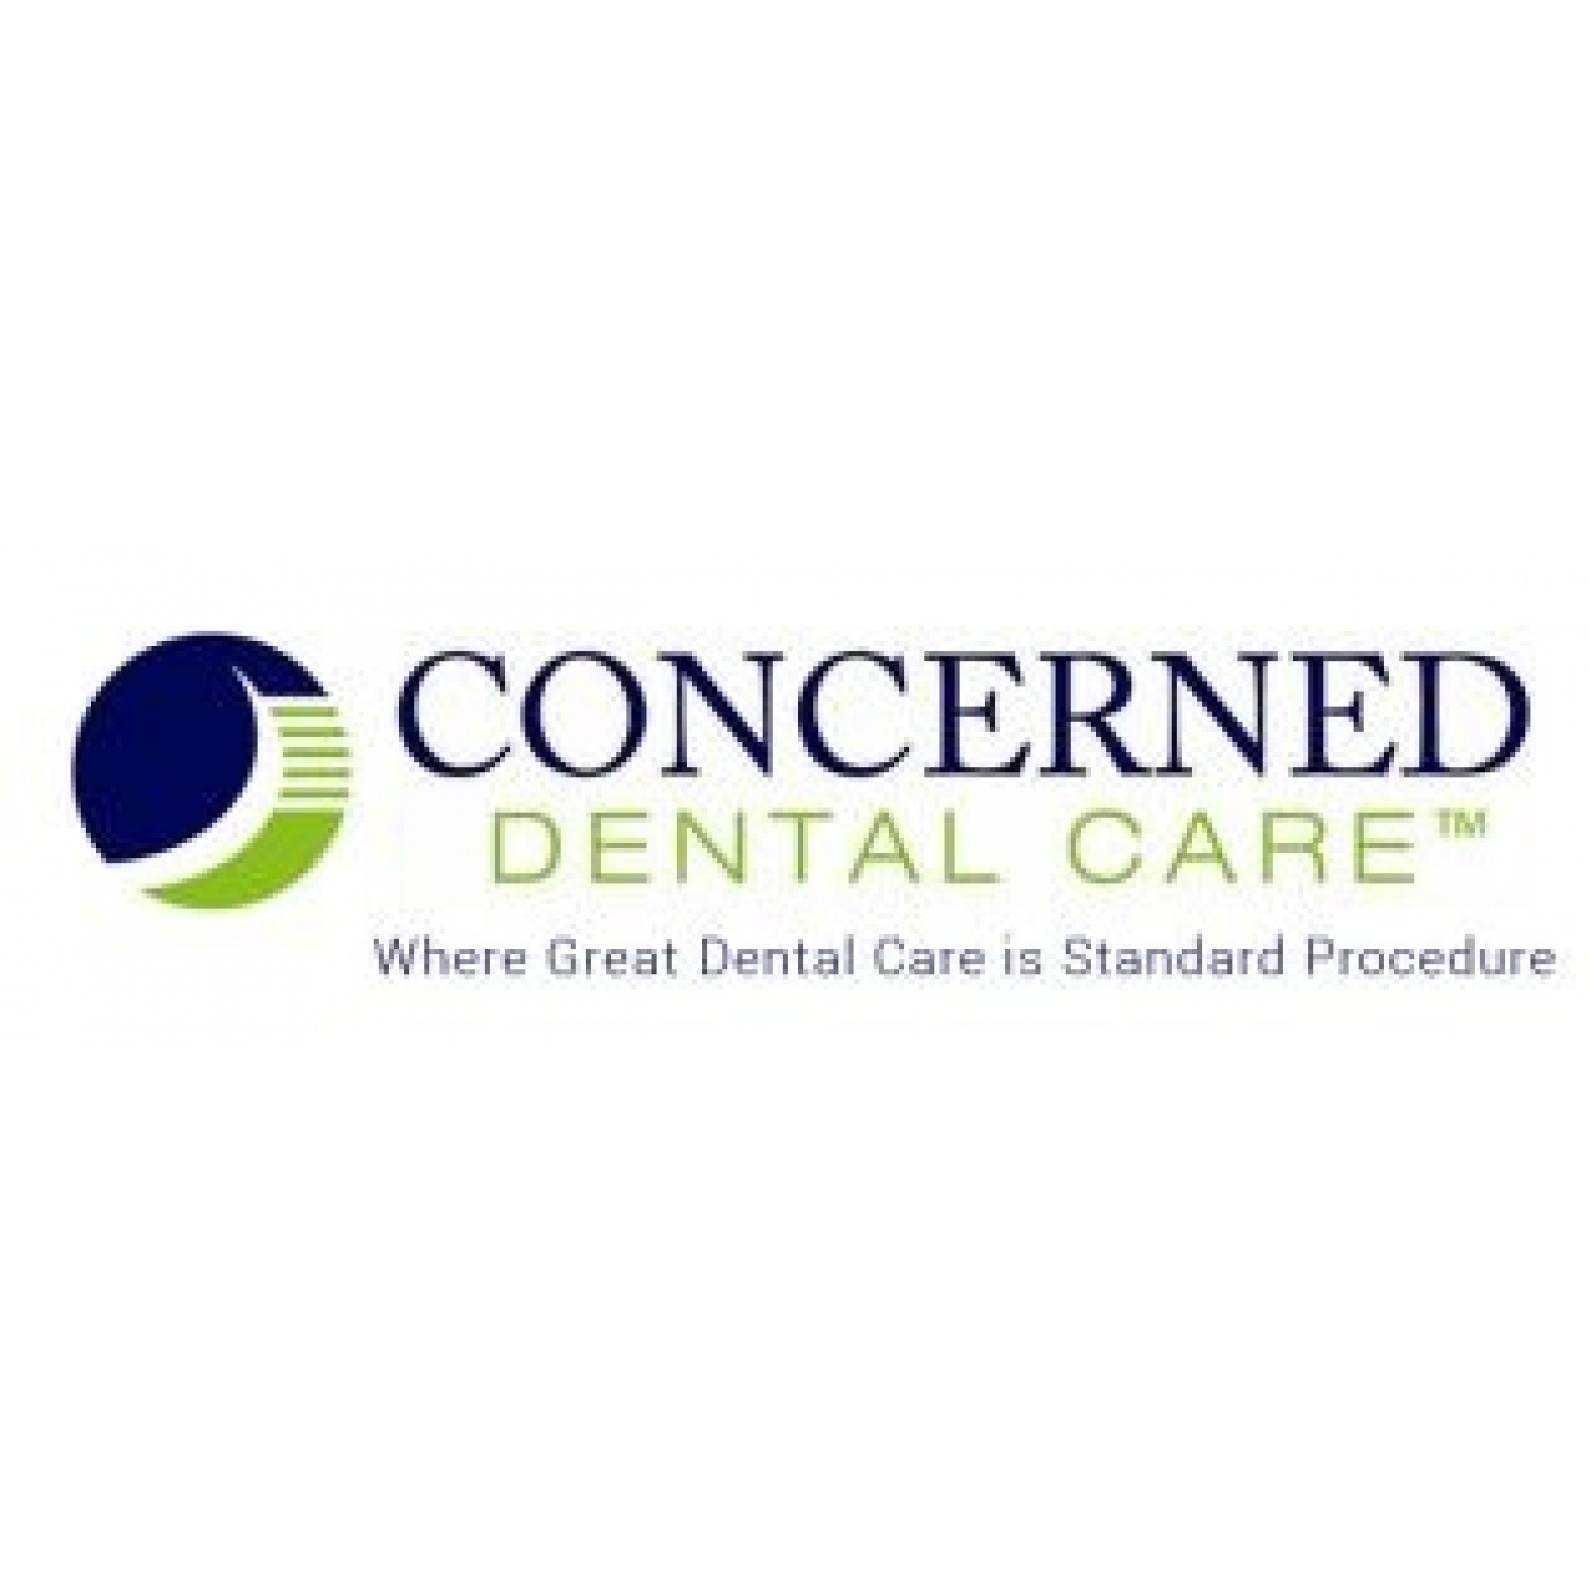 Concerned Dental Care (Ronkonkoma)